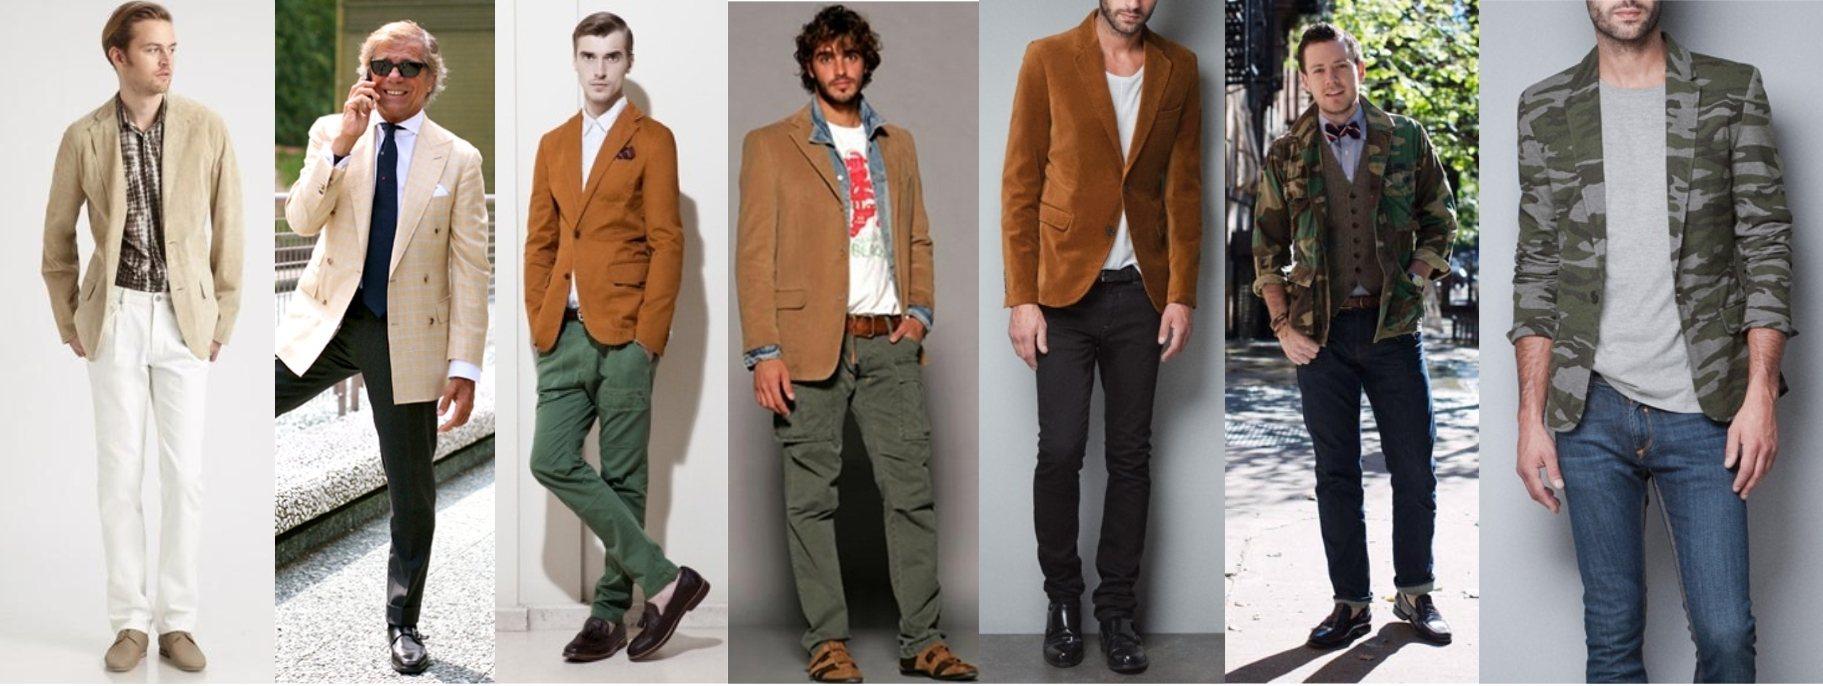 blazer_khaki_marrom_militar_calças_coloridas_pra_vestir